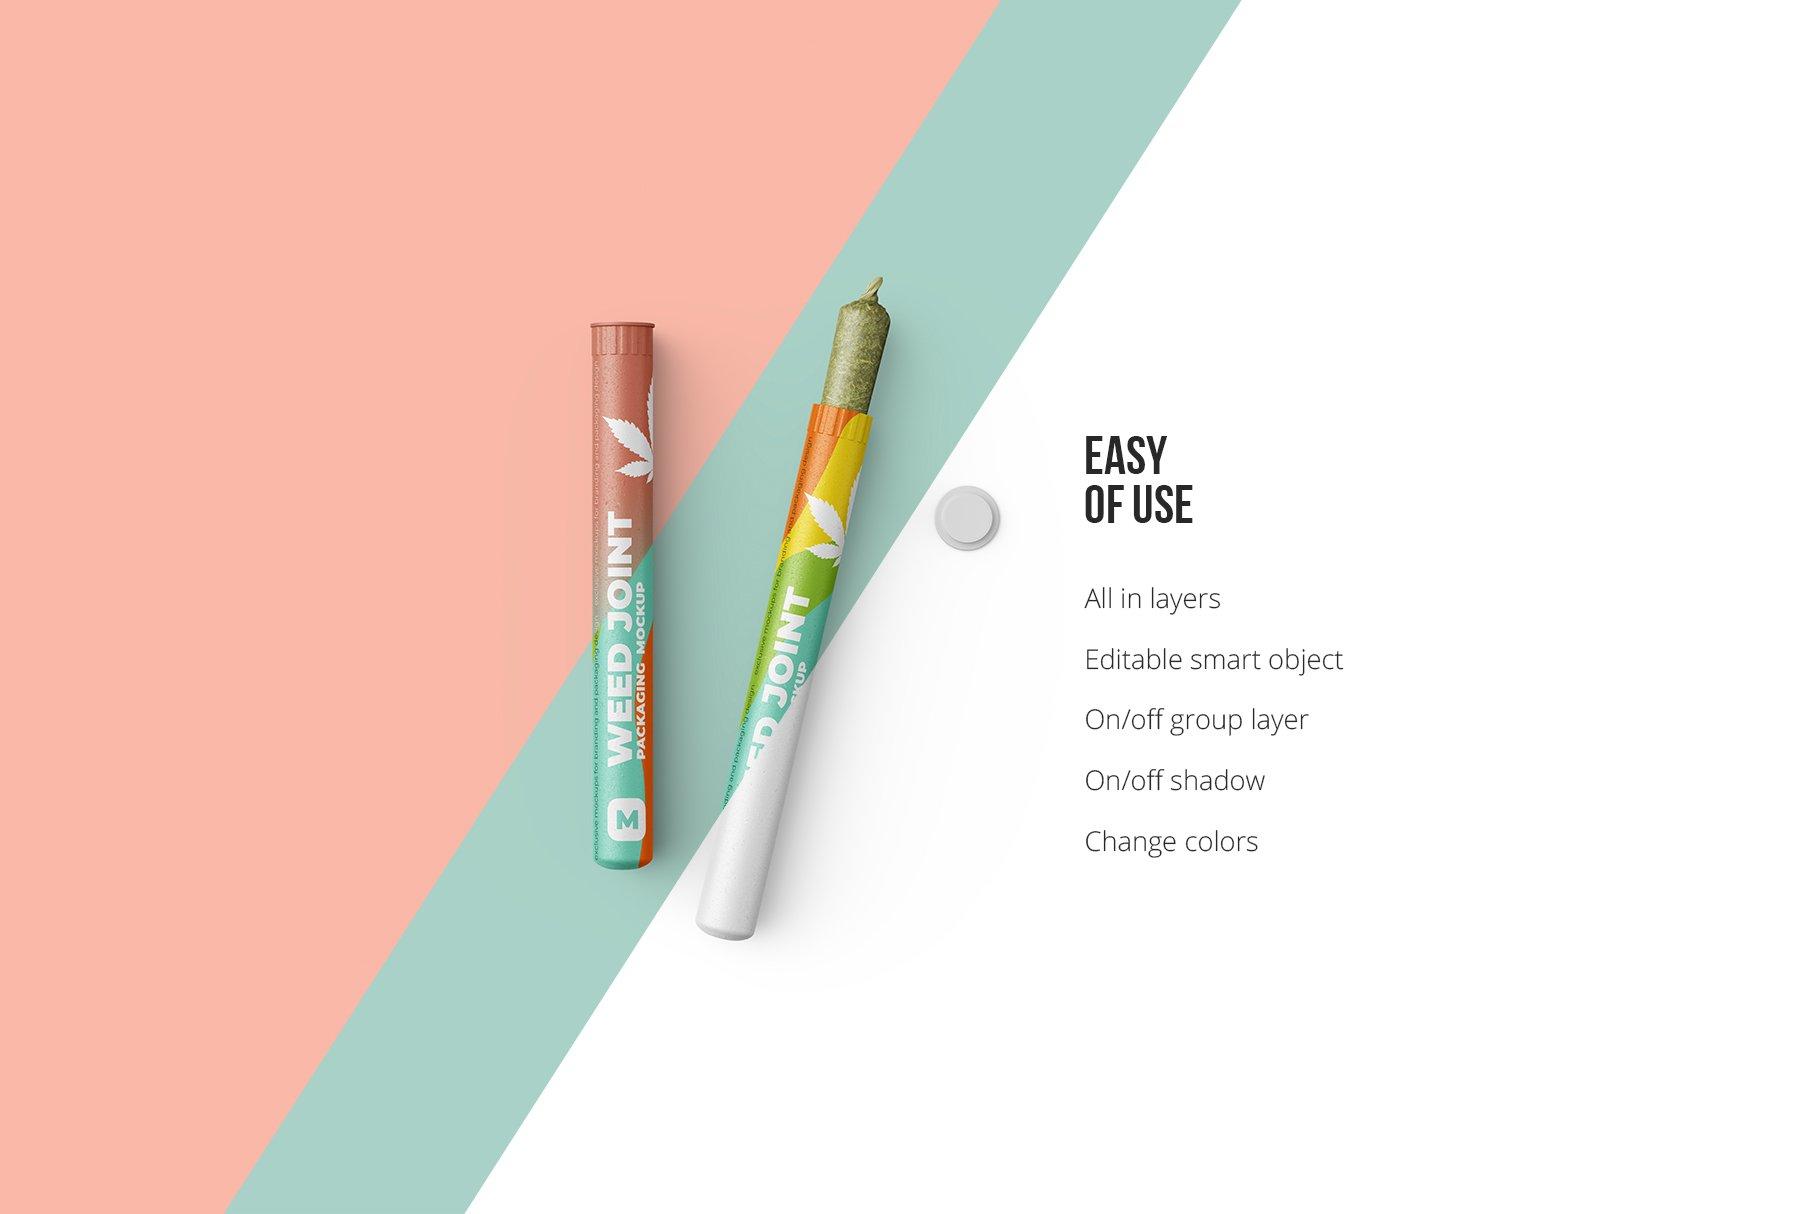 香烟雪茄联合预卷管样机 Weed Joint Pre-Roll Tubes Mockup插图2